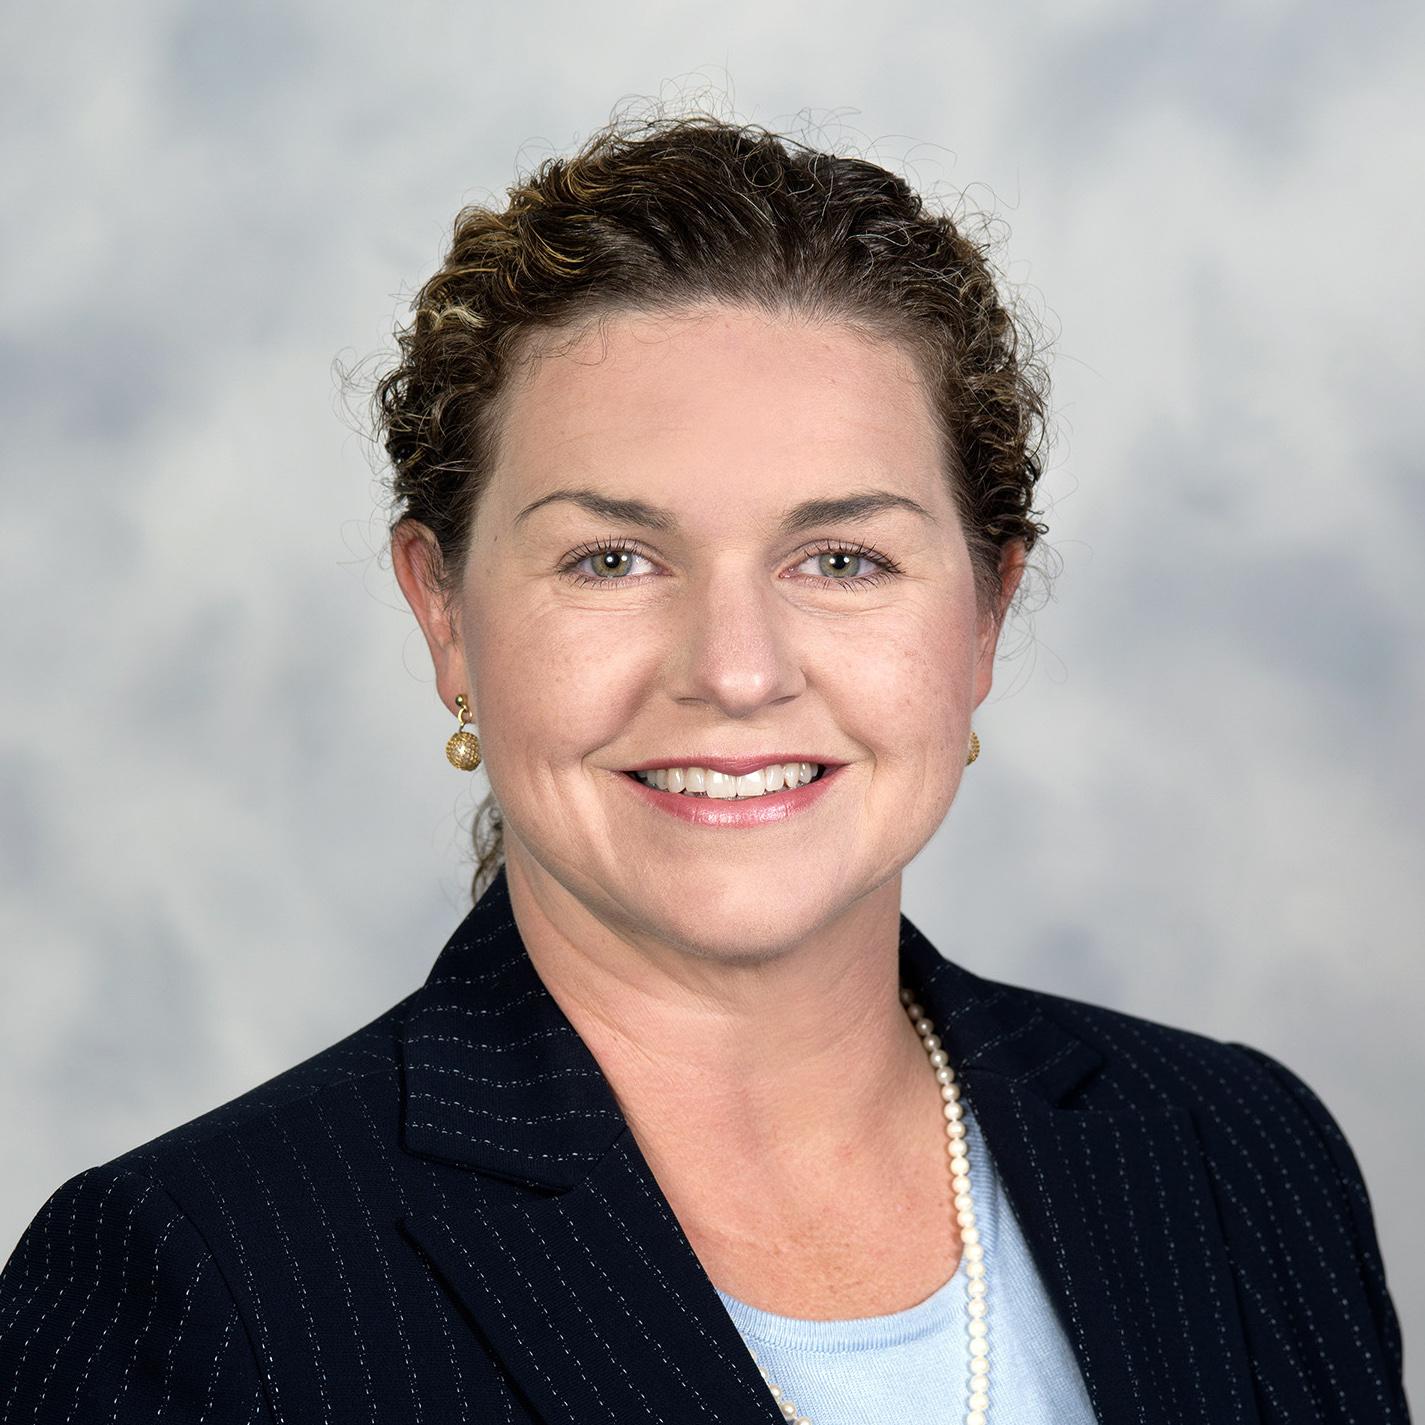 Amy Moffatt